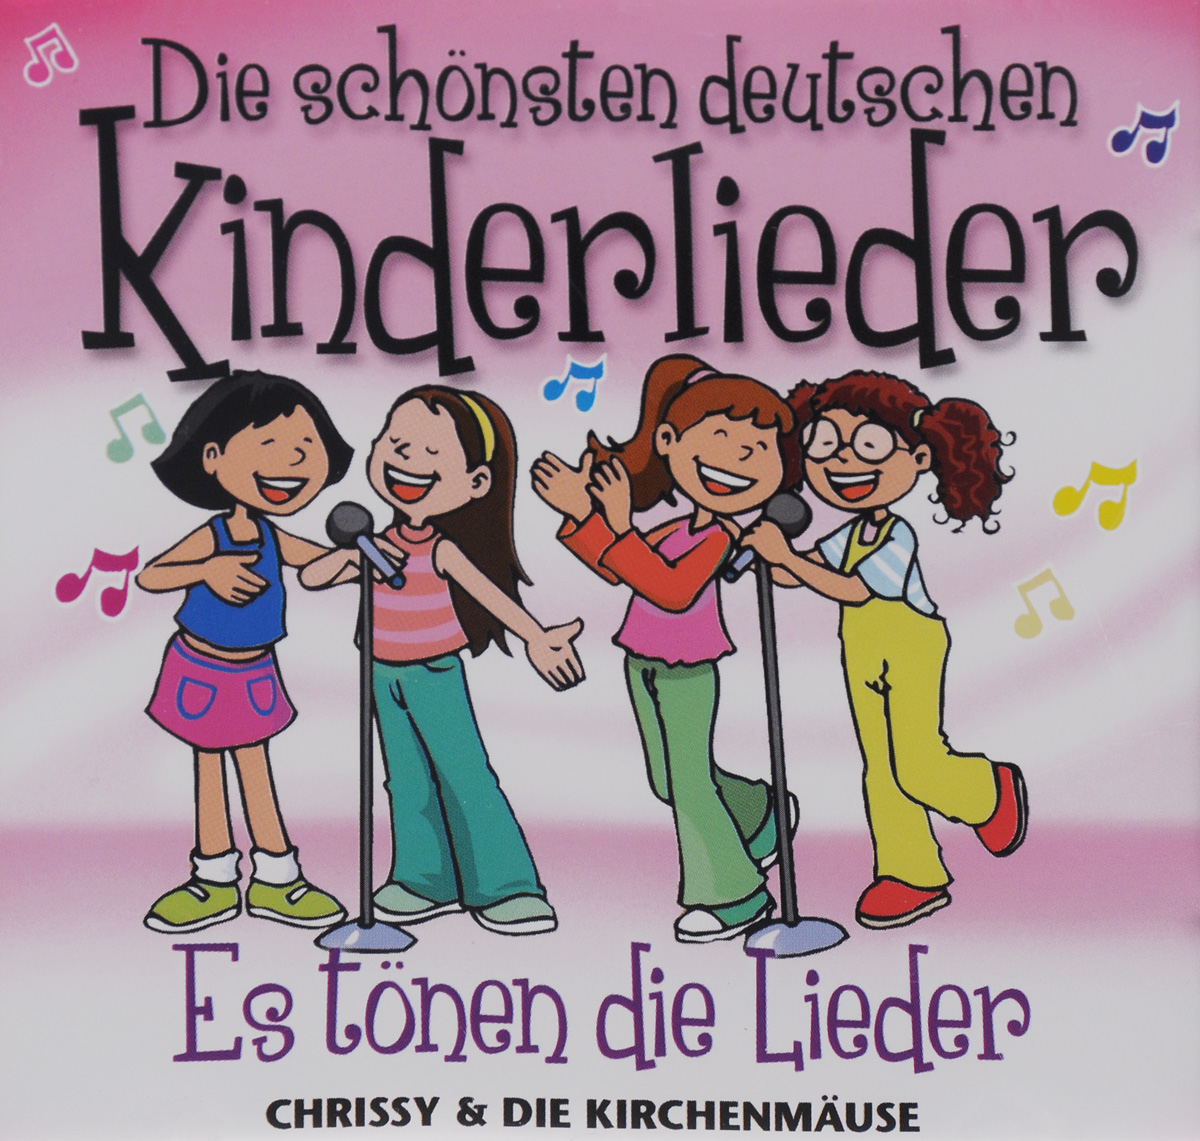 Chrissy,Die Kirchenmause Die Schonsten Deutschen Kinderlieder. Es Tonen die Lieder (CD)